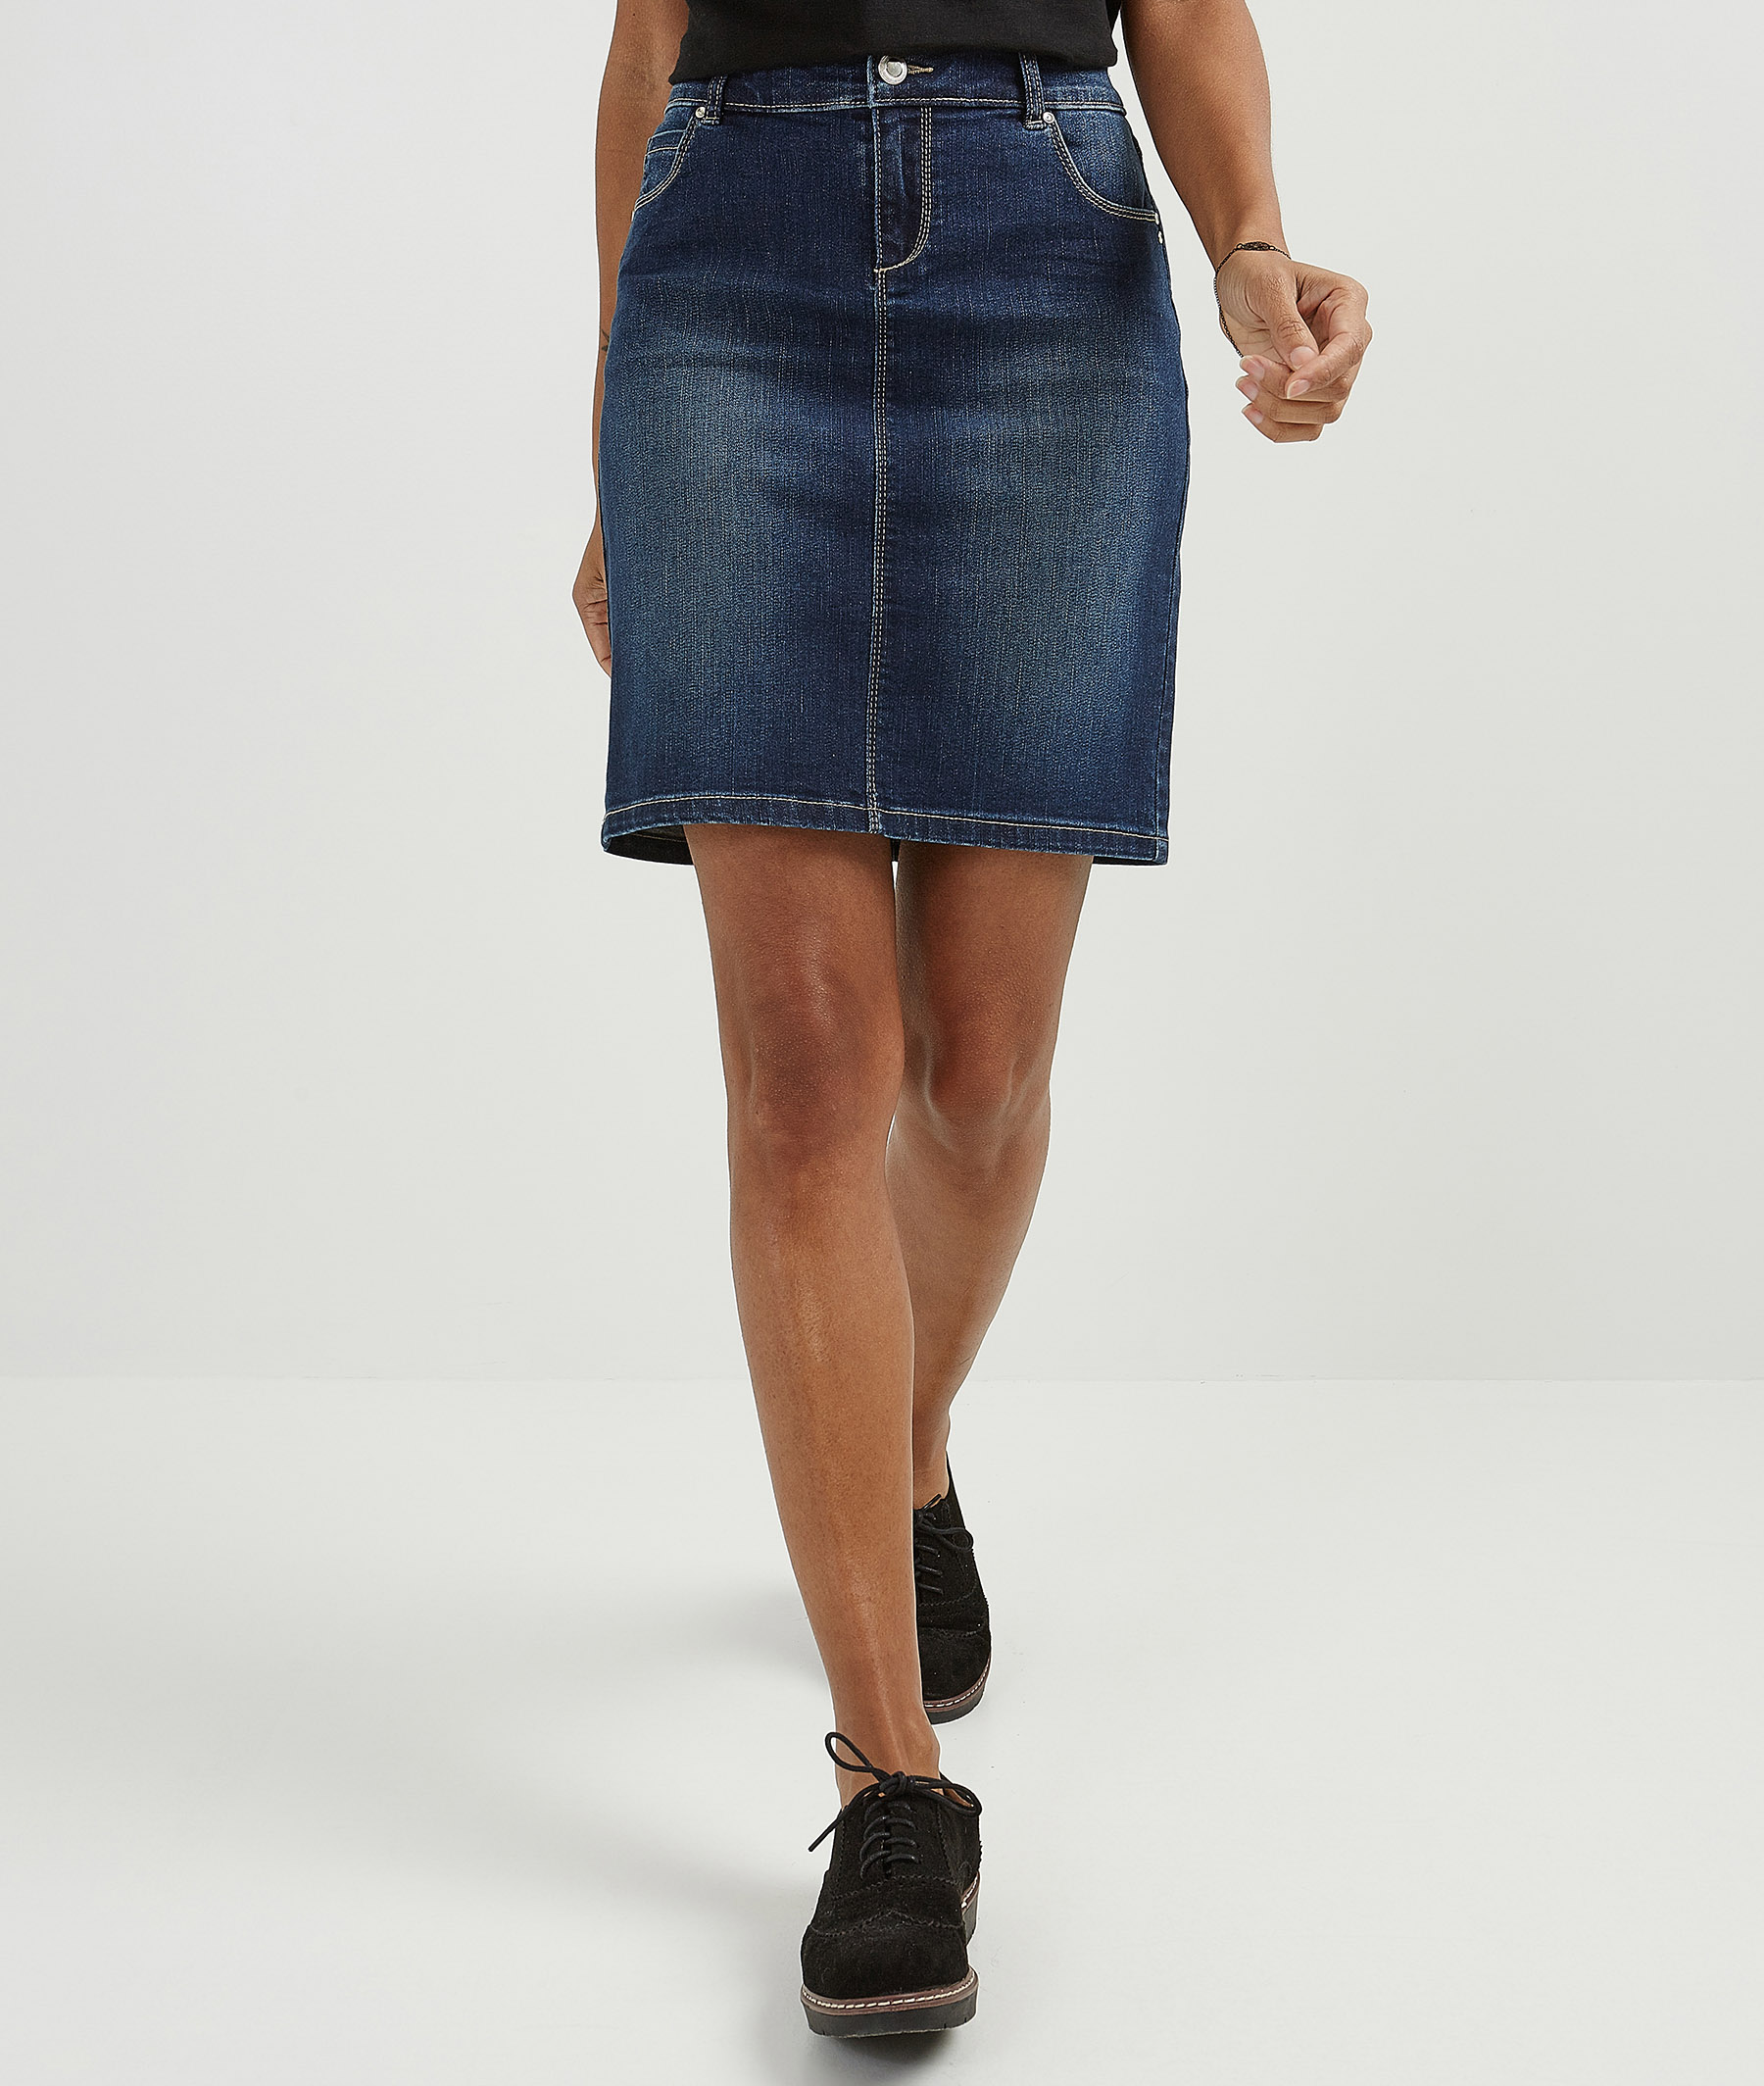 Jupe femme en jean délavée RINSE